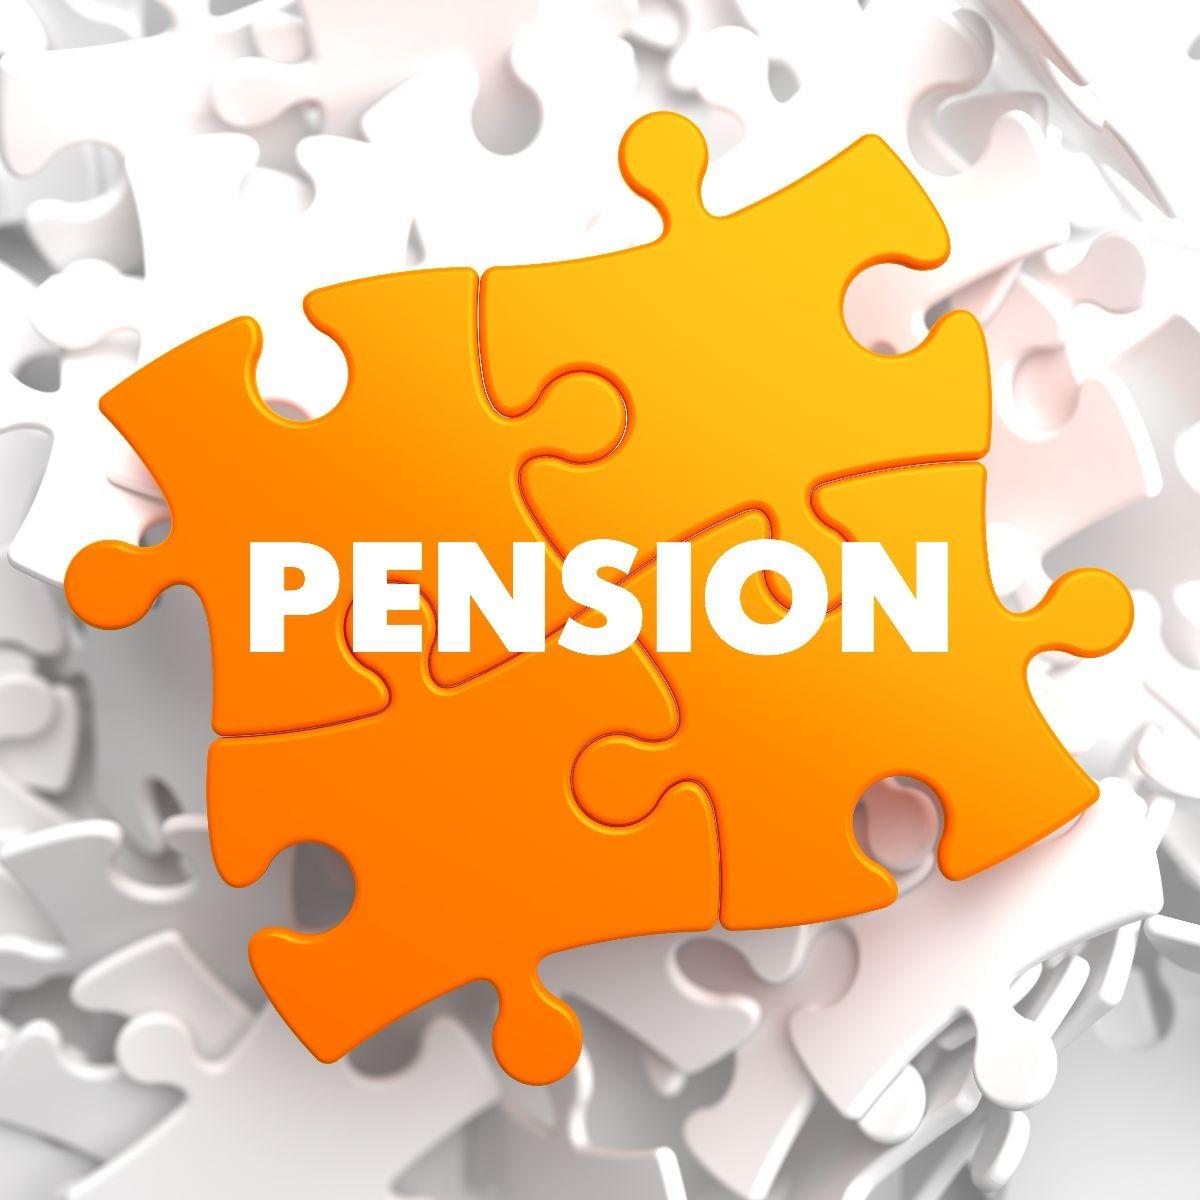 rompecabezas que forma la palabra pension